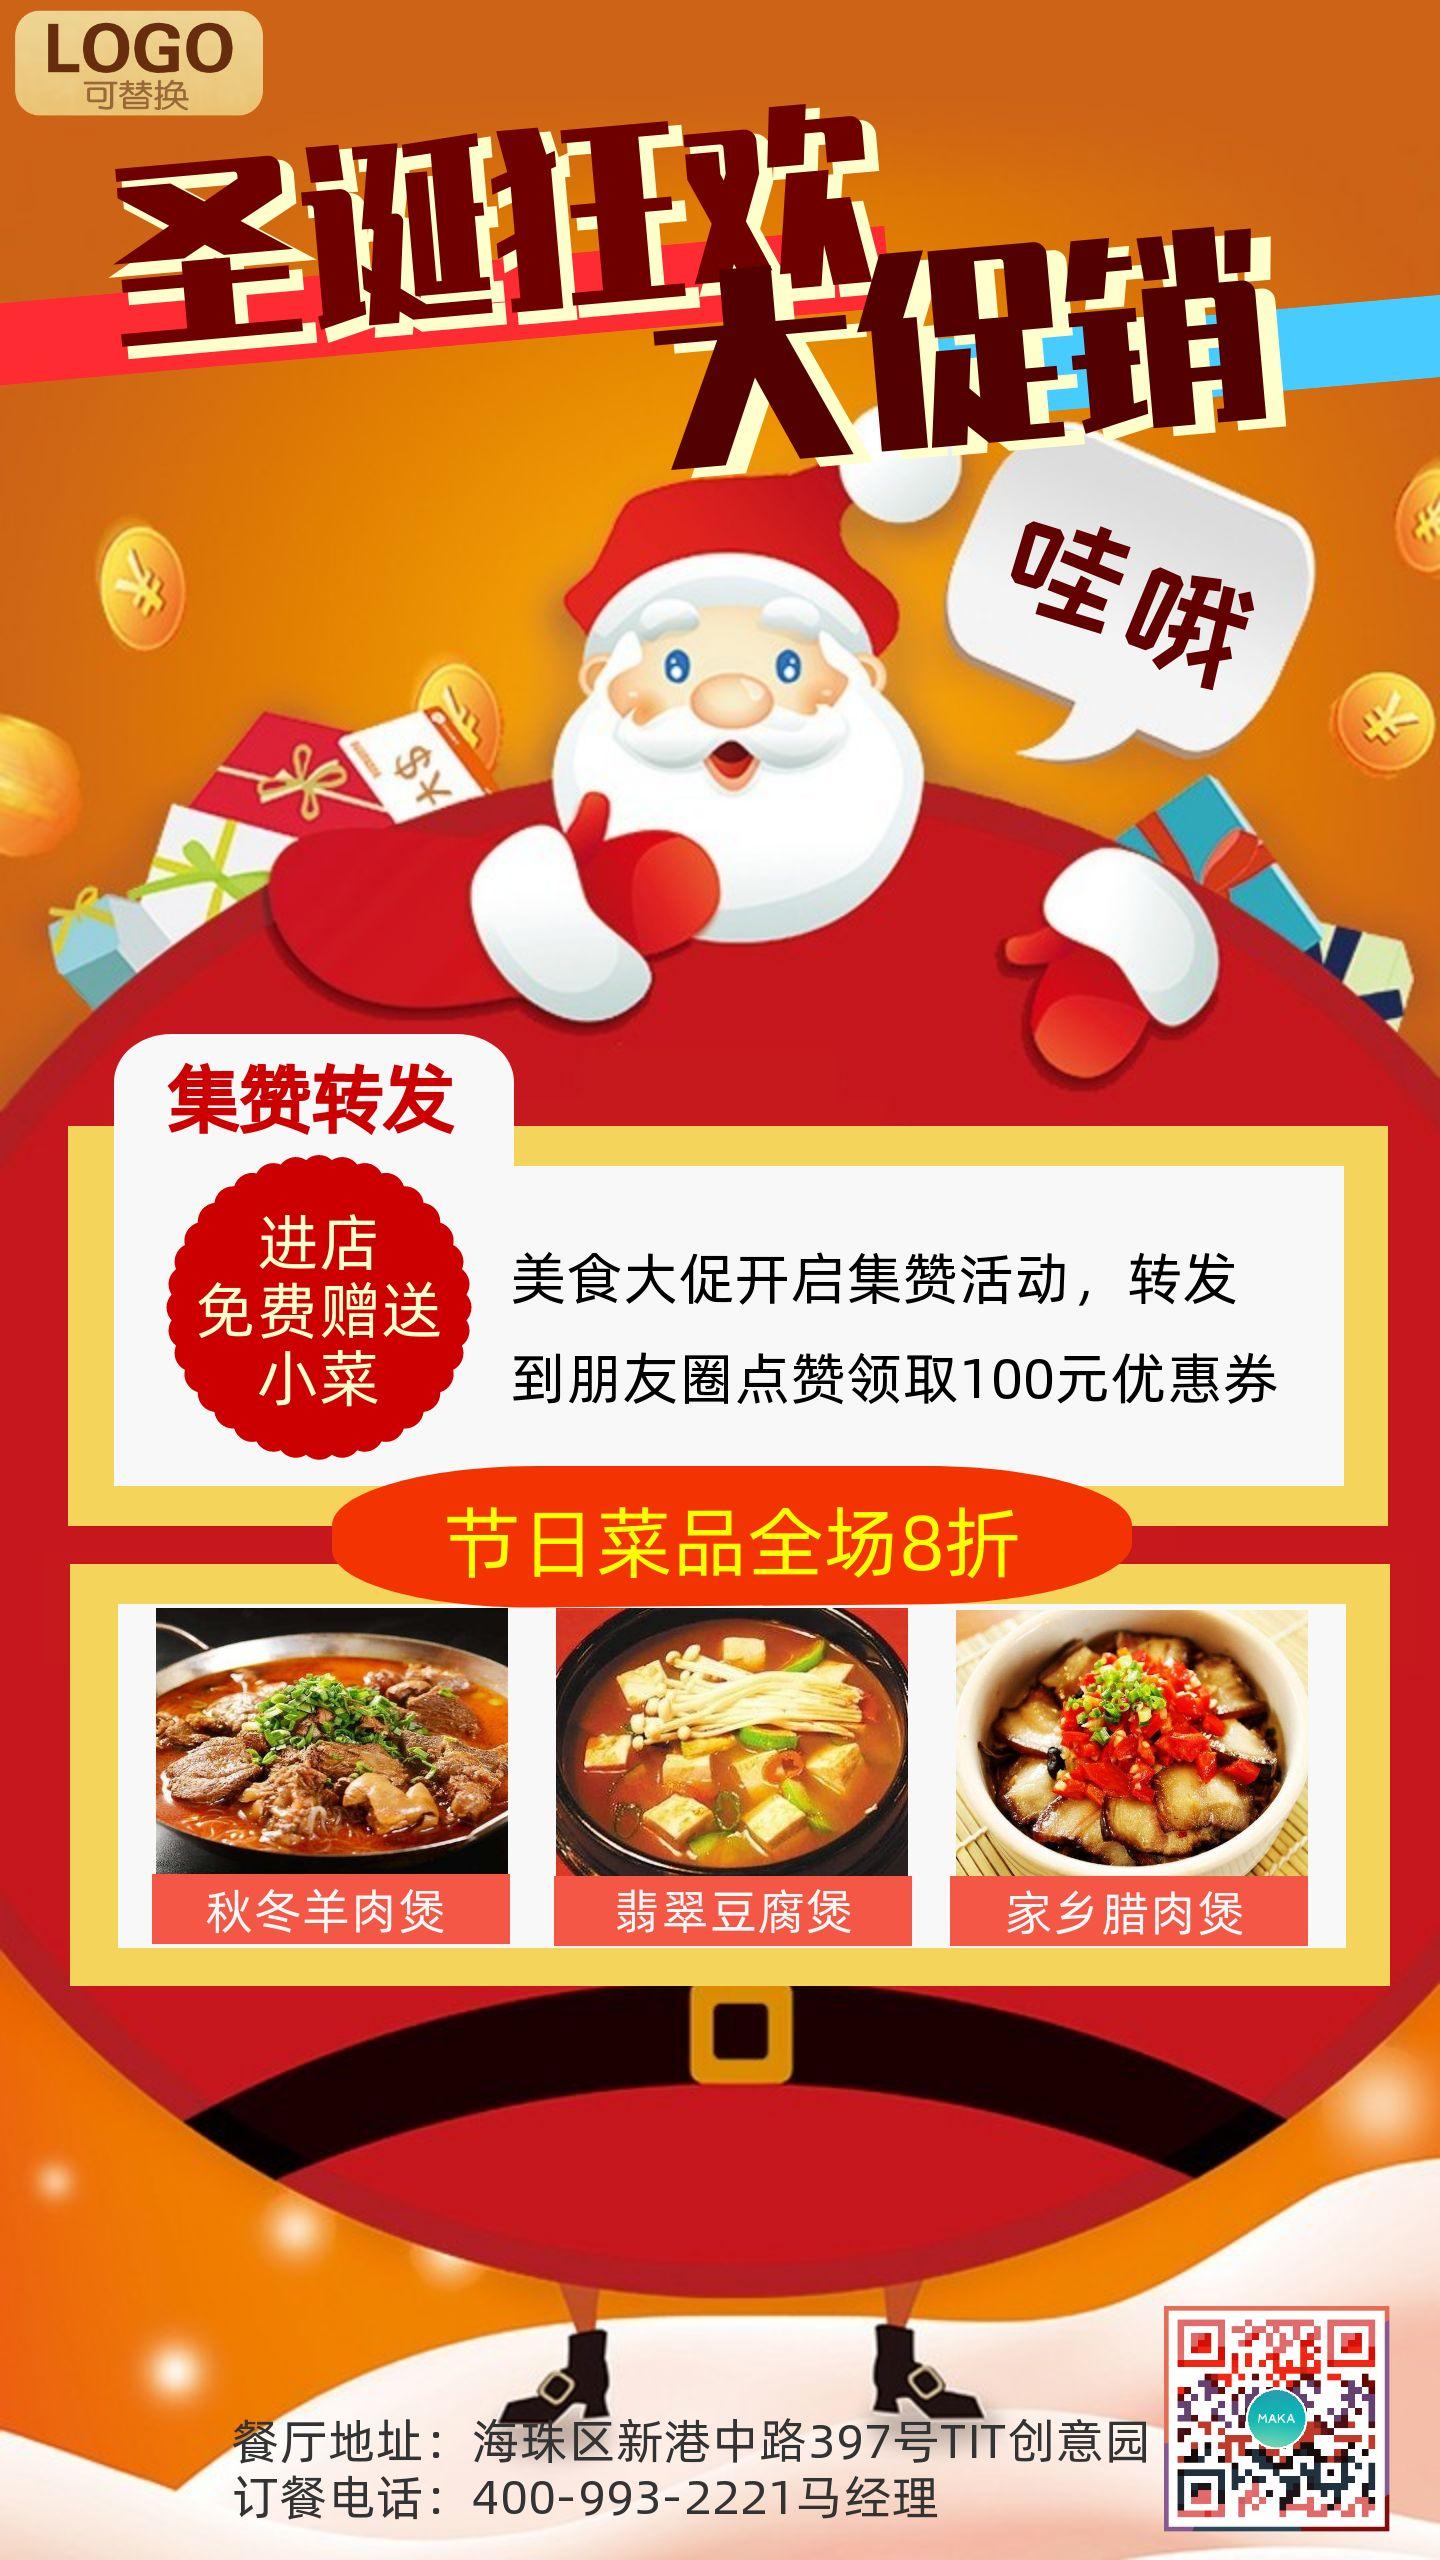 圣诞集赞转发活动餐饮促销推广宣传海报